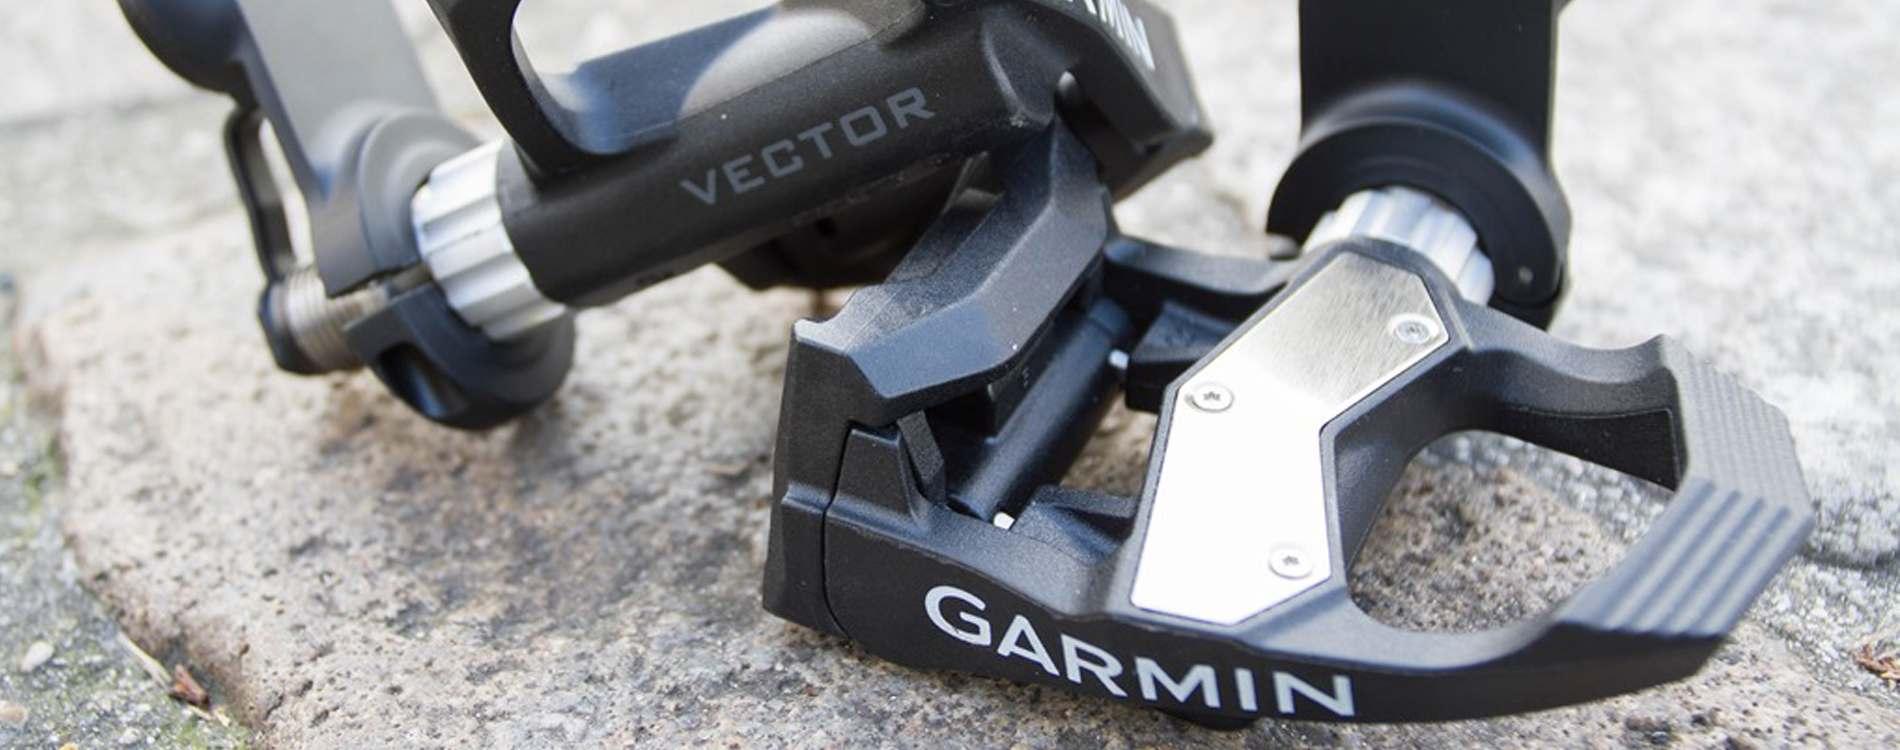 Garmin Vector 2 only 849€